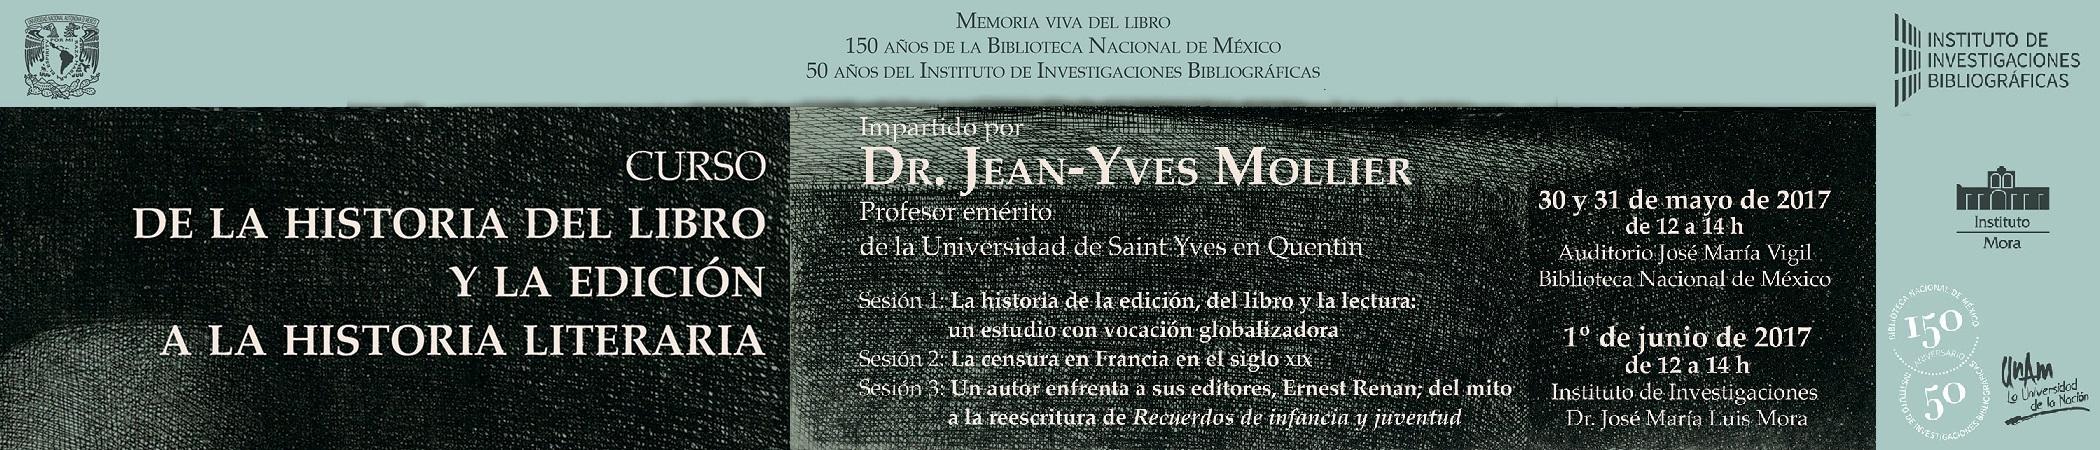 Curso de la Historia del libro y la edición a la historia literaria